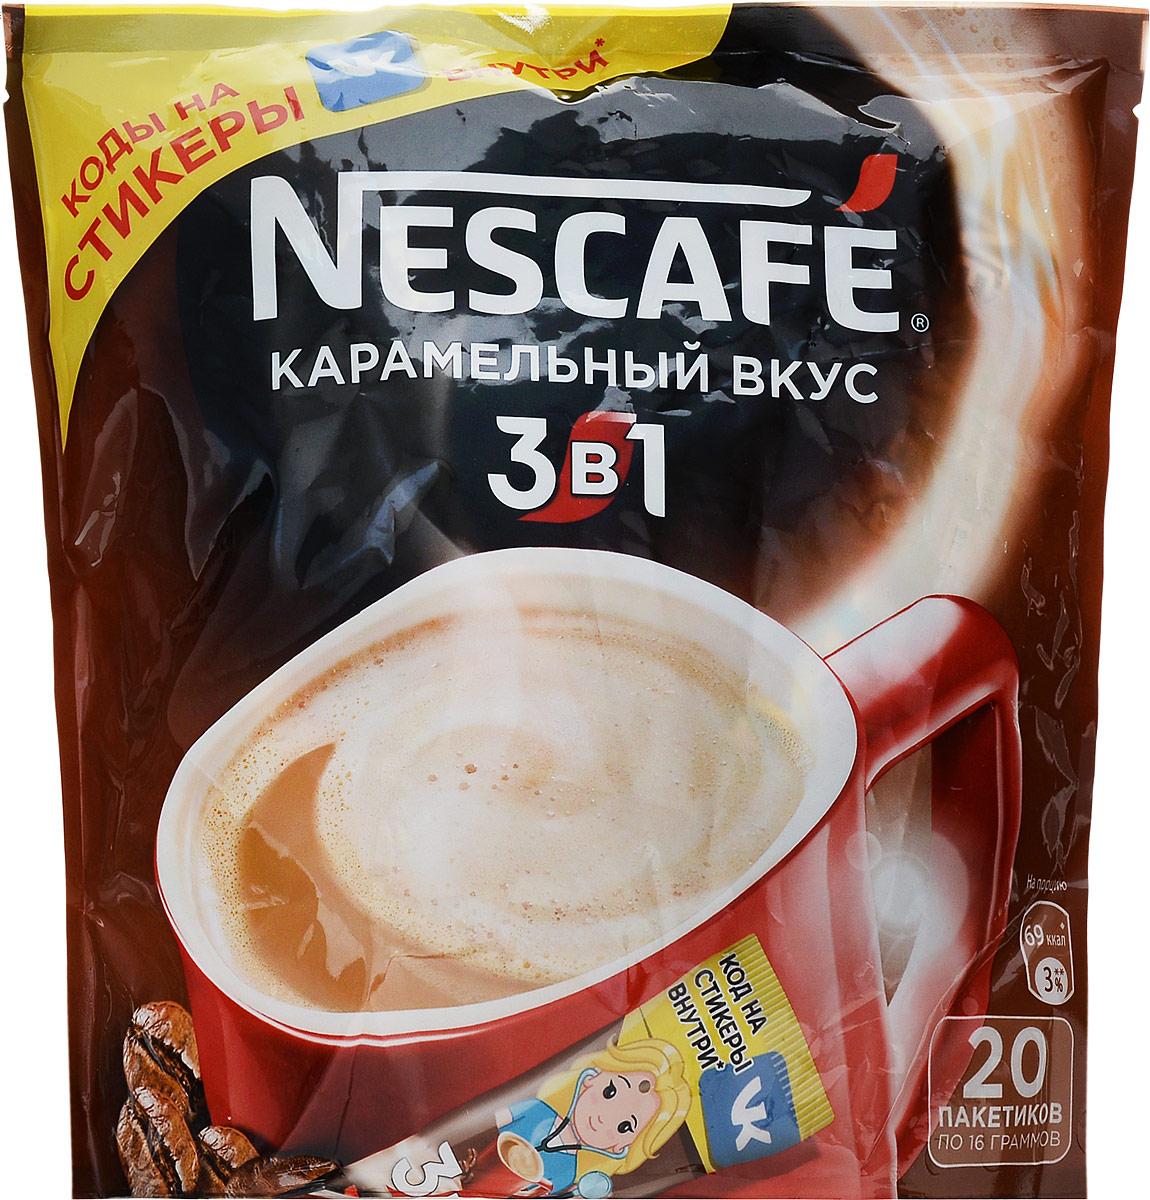 Nescafe 3 в 1 Карамель кофе растворимый, 20 шт12194055Nescafe 3 в 1 Карамель - кофейно-сливочный напиток, в состав которого входят высококачественные ингредиенты: кофе Nescafe, сахар, сливки растительного происхождения. Каждый пакетик Nescafe 3 в 1 подарит вам идеальное сочетание кофе, сливок, сахара!Уважаемые клиенты! Обращаем ваше внимание на то, что упаковка может иметь несколько видов дизайна. Поставка осуществляется в зависимости от наличия на складе.Кофе: мифы и факты. Статья OZON Гид